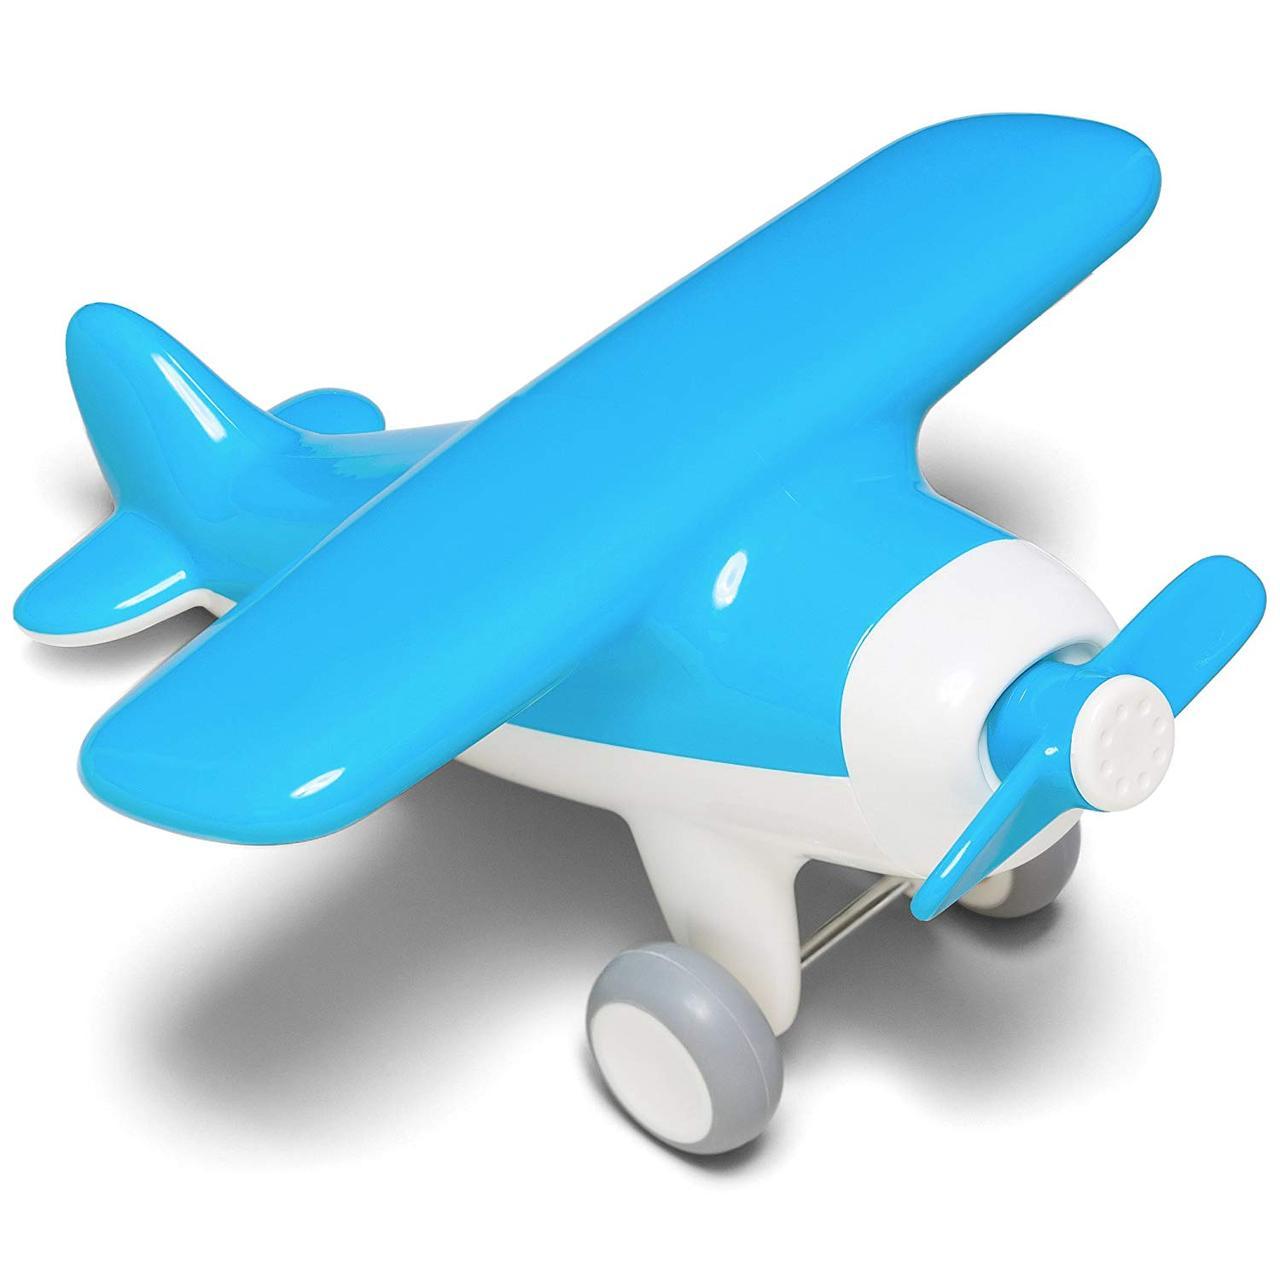 Первый самолет. Игрушечный самолет (цвет голубой) Kid O